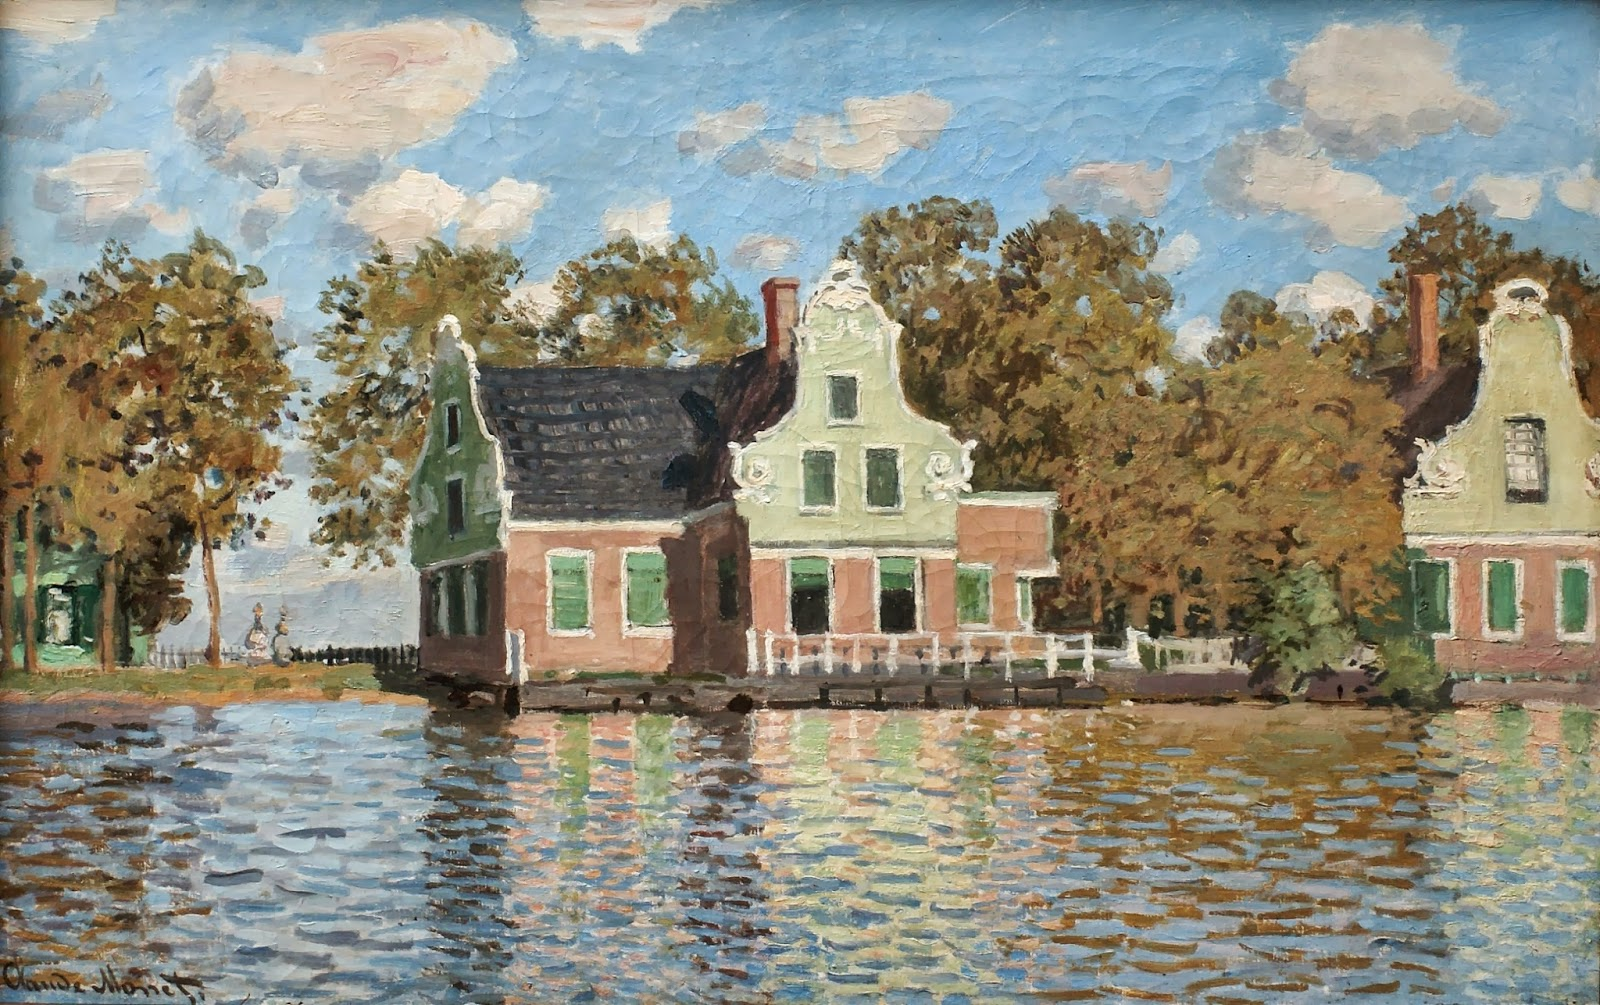 речной пейзаж < Дома на реке Заан, в городе Зандам  >:: Клод Моне, описание картины - Моне Клод (Claude Monet) фото